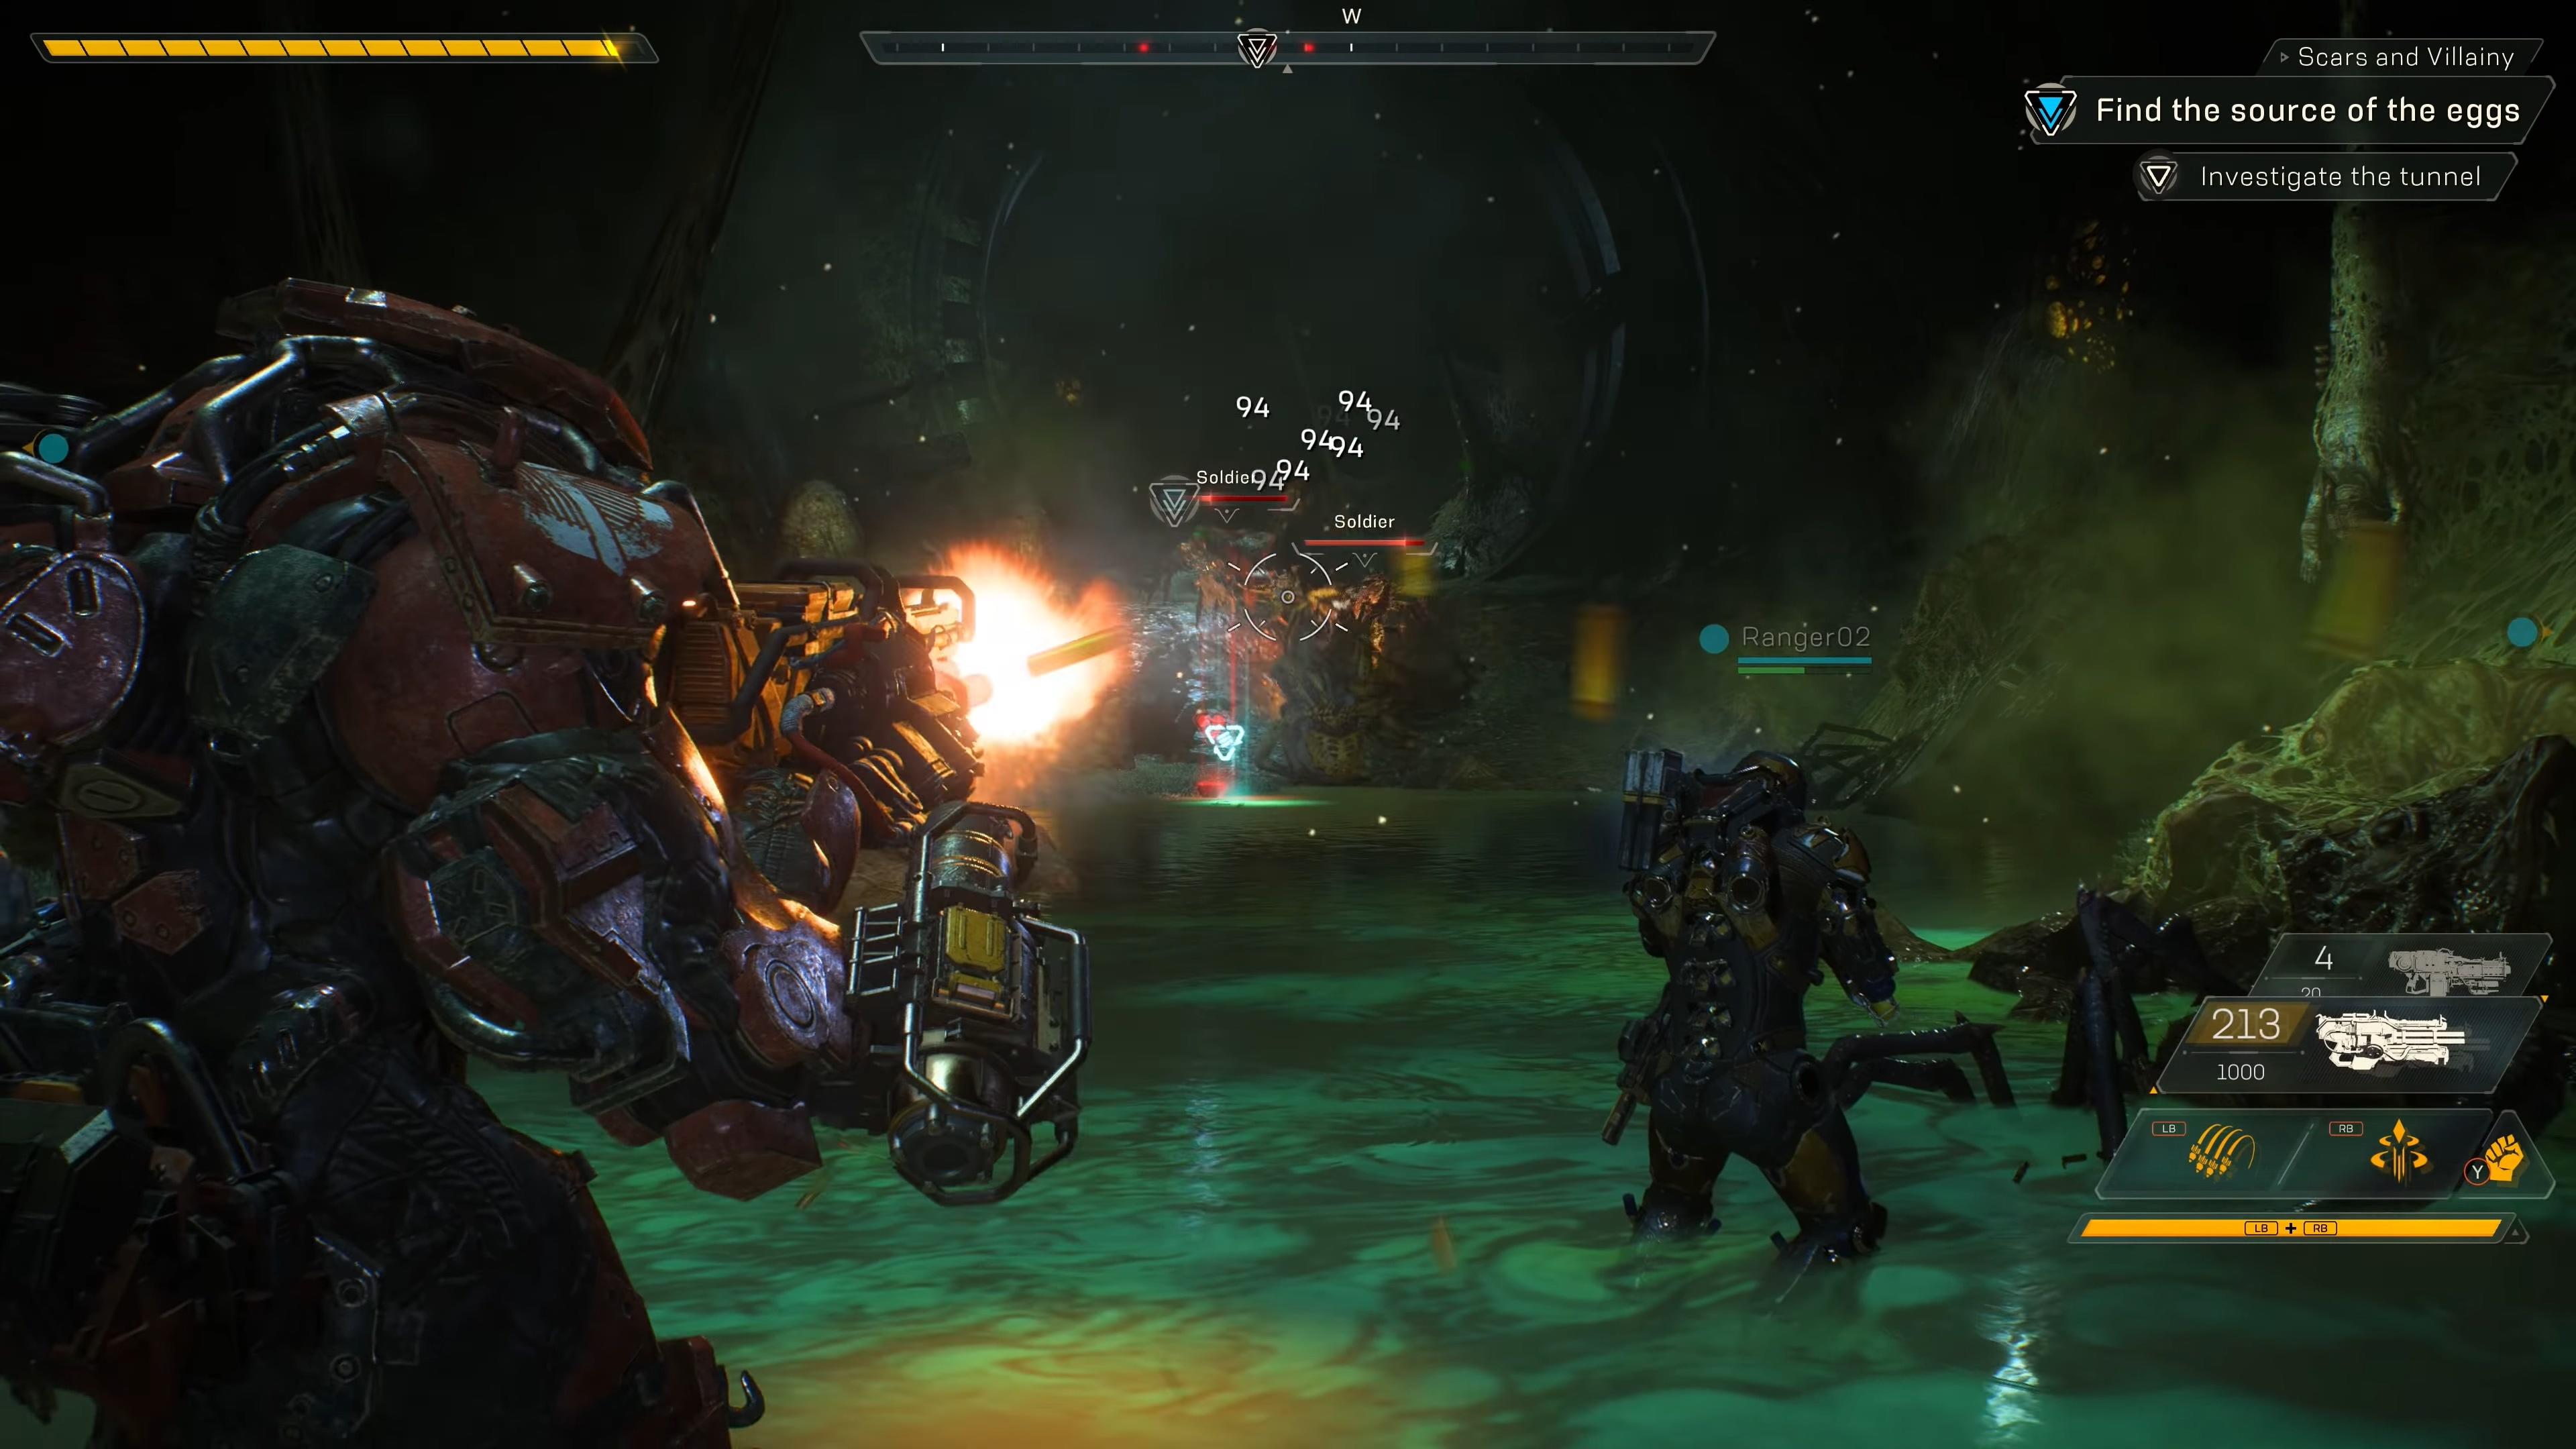 图片来自于今天BioWare官方分享的E3展完整Demo,4K分辨率